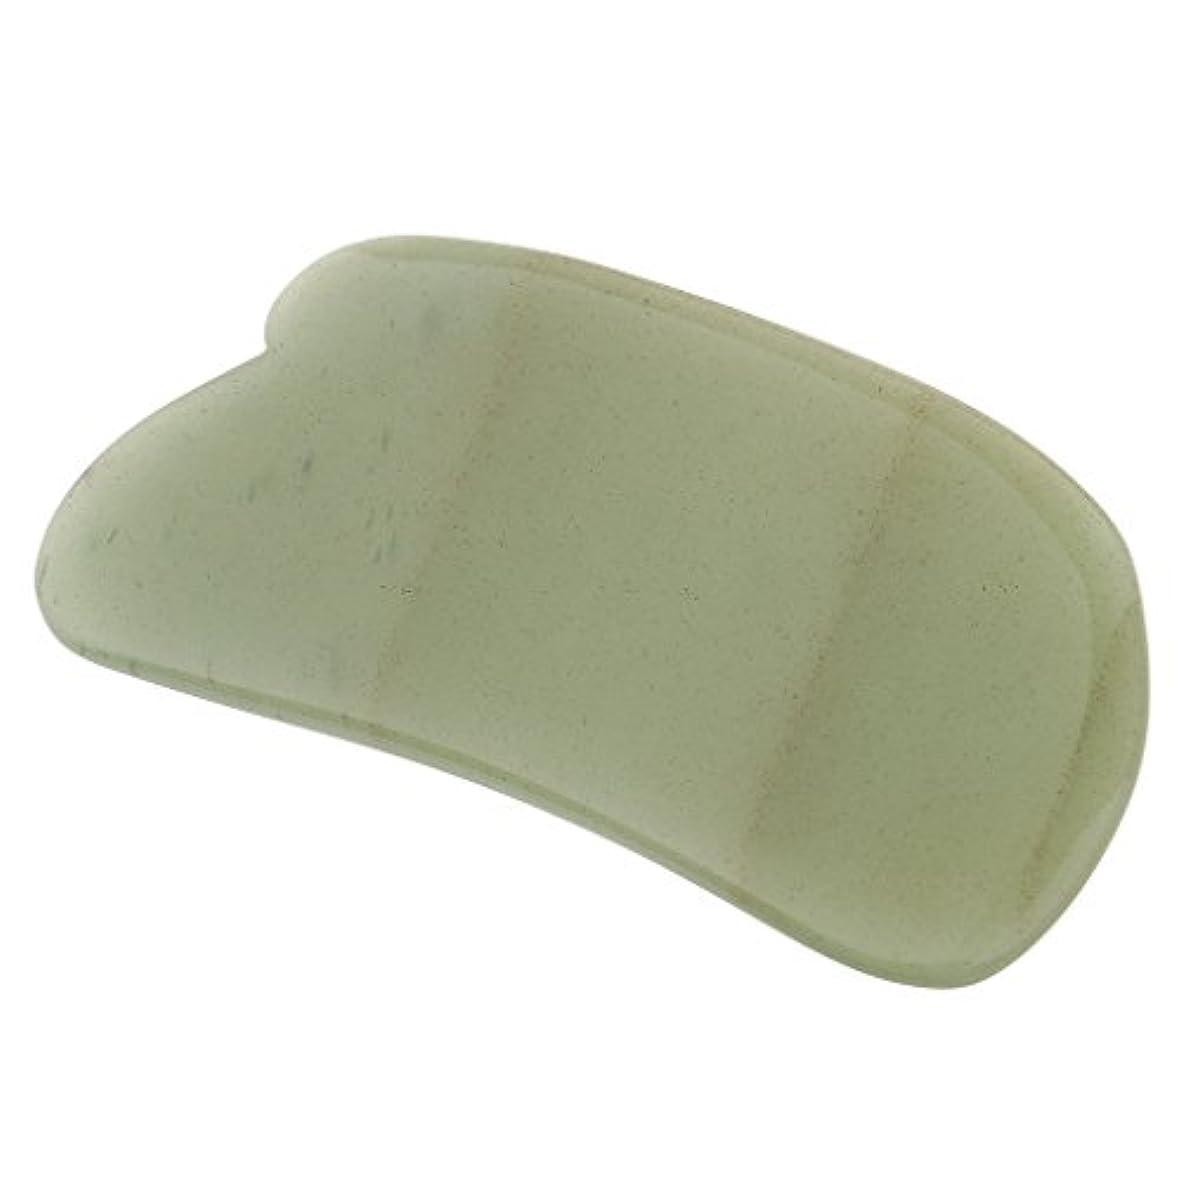 気候の山固めるメロディアスカッサ板 美顔 天然石  アベンチュリン カッサボード カッサマッサージ道具 ギフト マッサージ道具  健康ツール 2タイプ選べ  - タイプ1